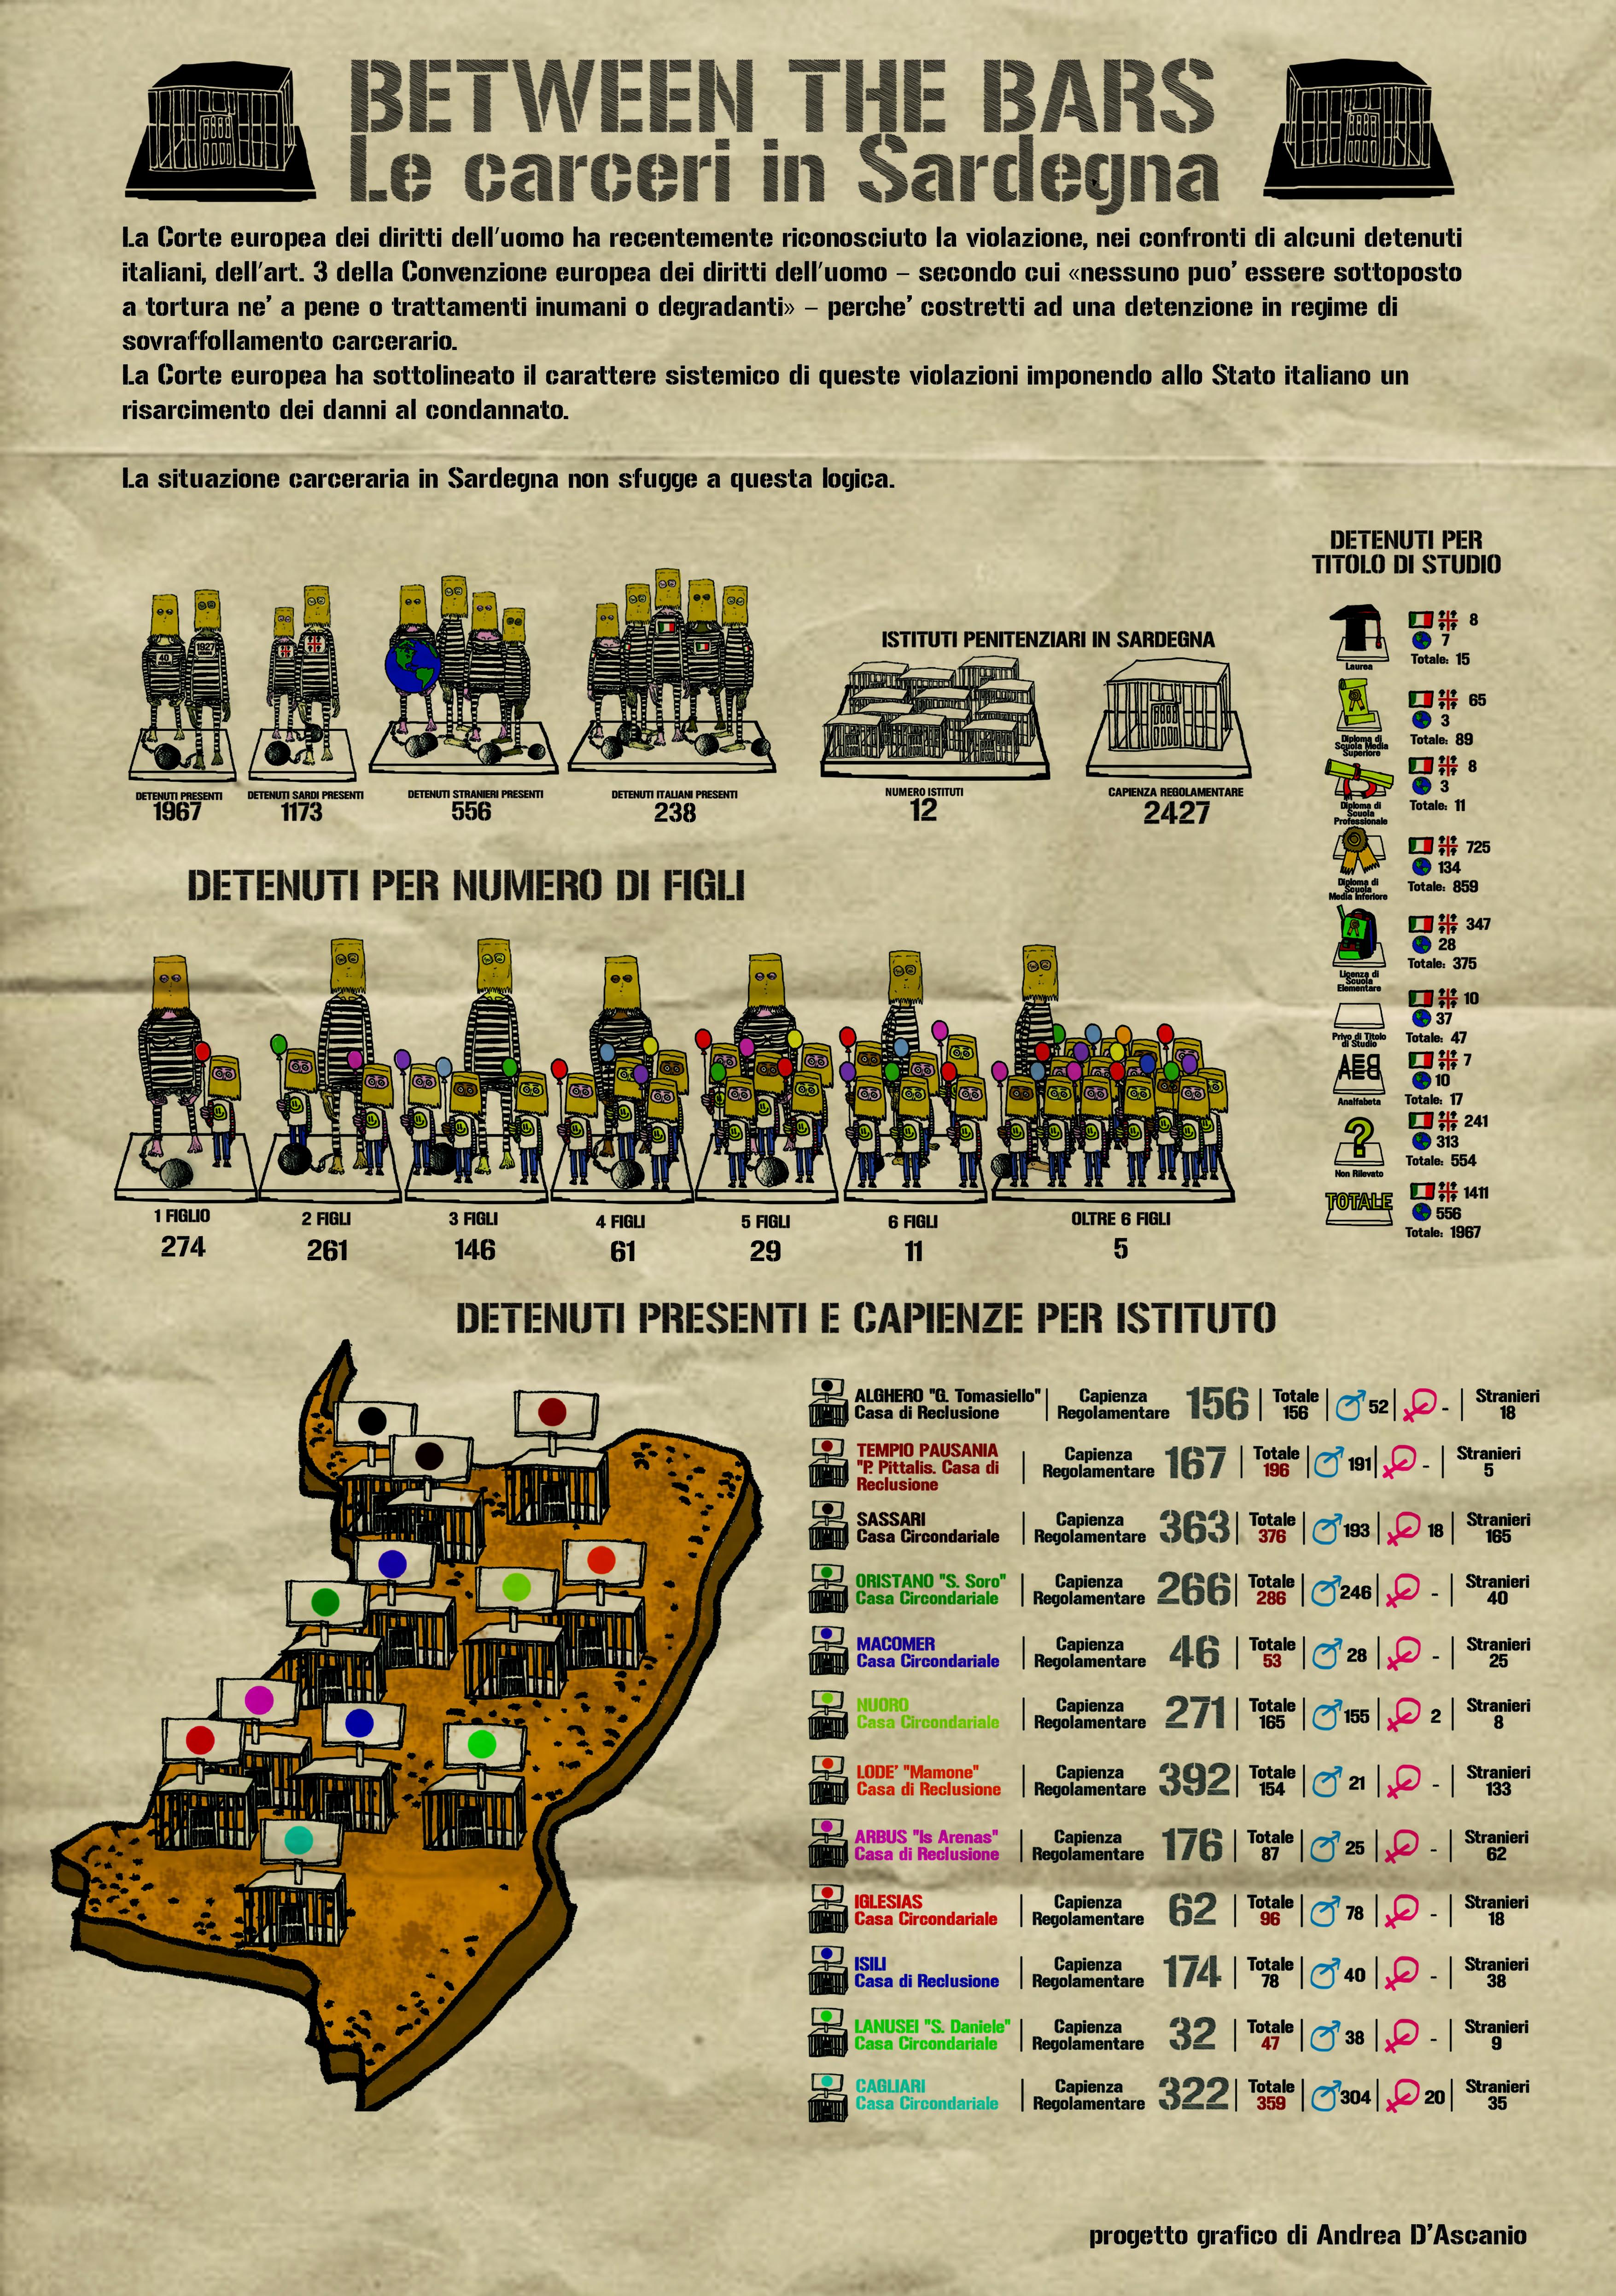 Infografica sulle carceri in Sardegna